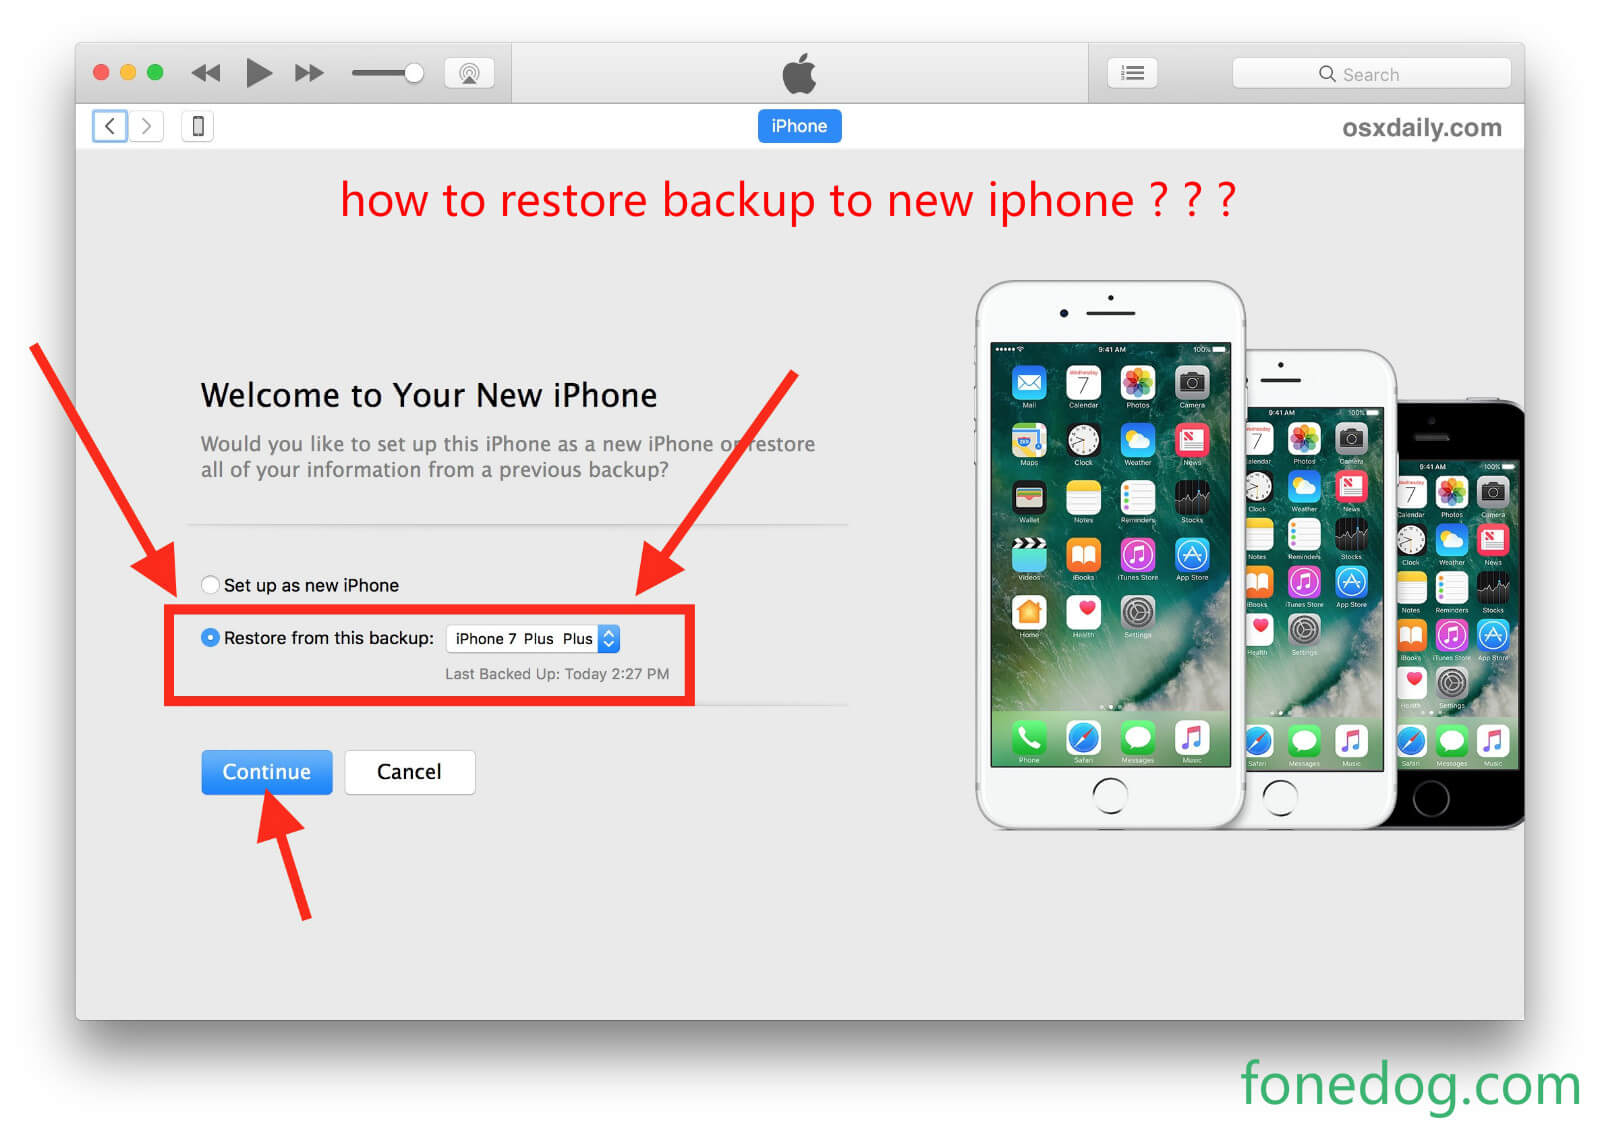 恢复备份到新iPhone